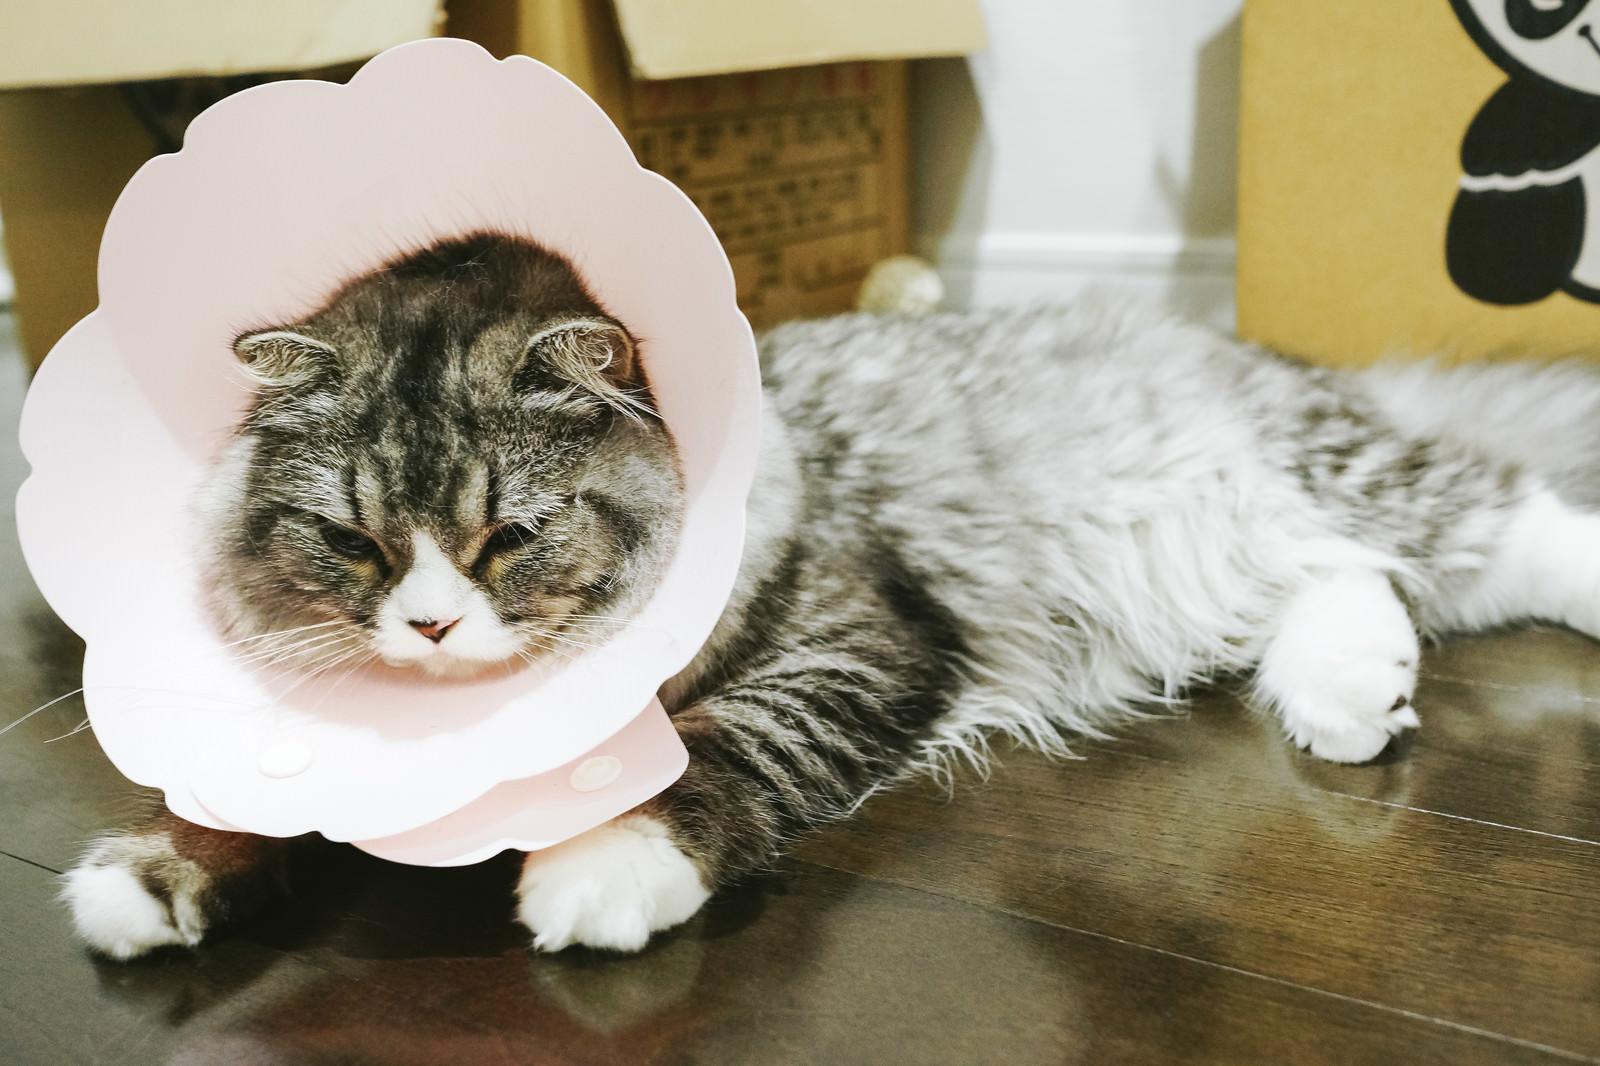 「エリザベスカラーを着けられて凹んでるオス猫(スコティッシュフォールド)」の写真